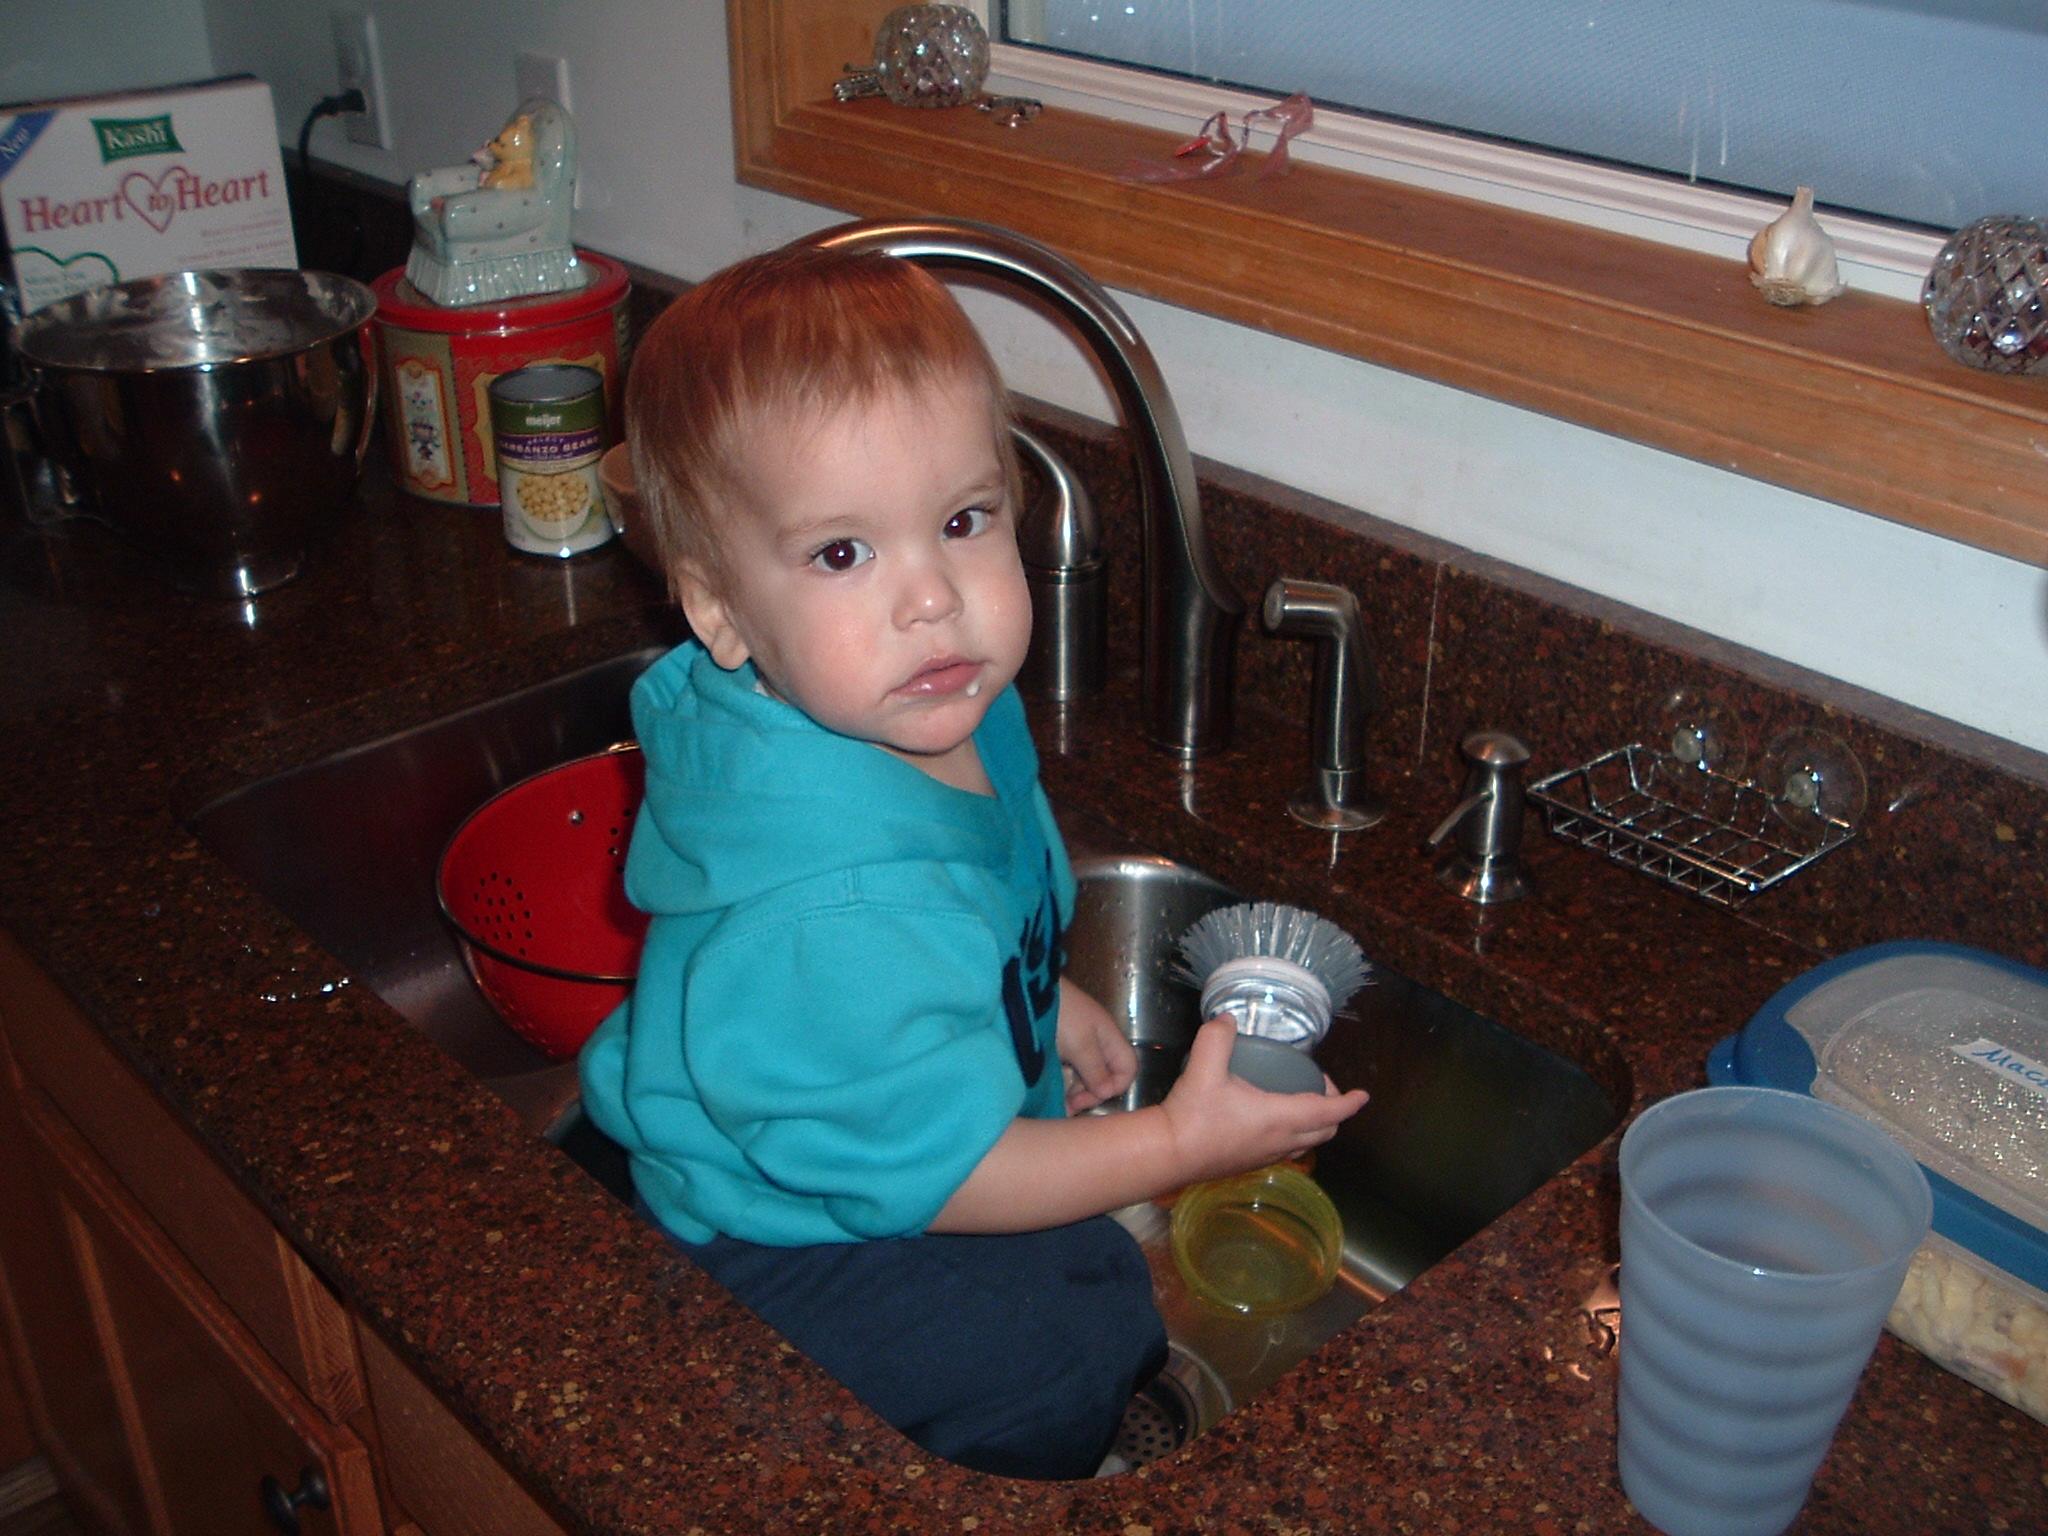 Kitchen Helper Chair Black Friday Deals